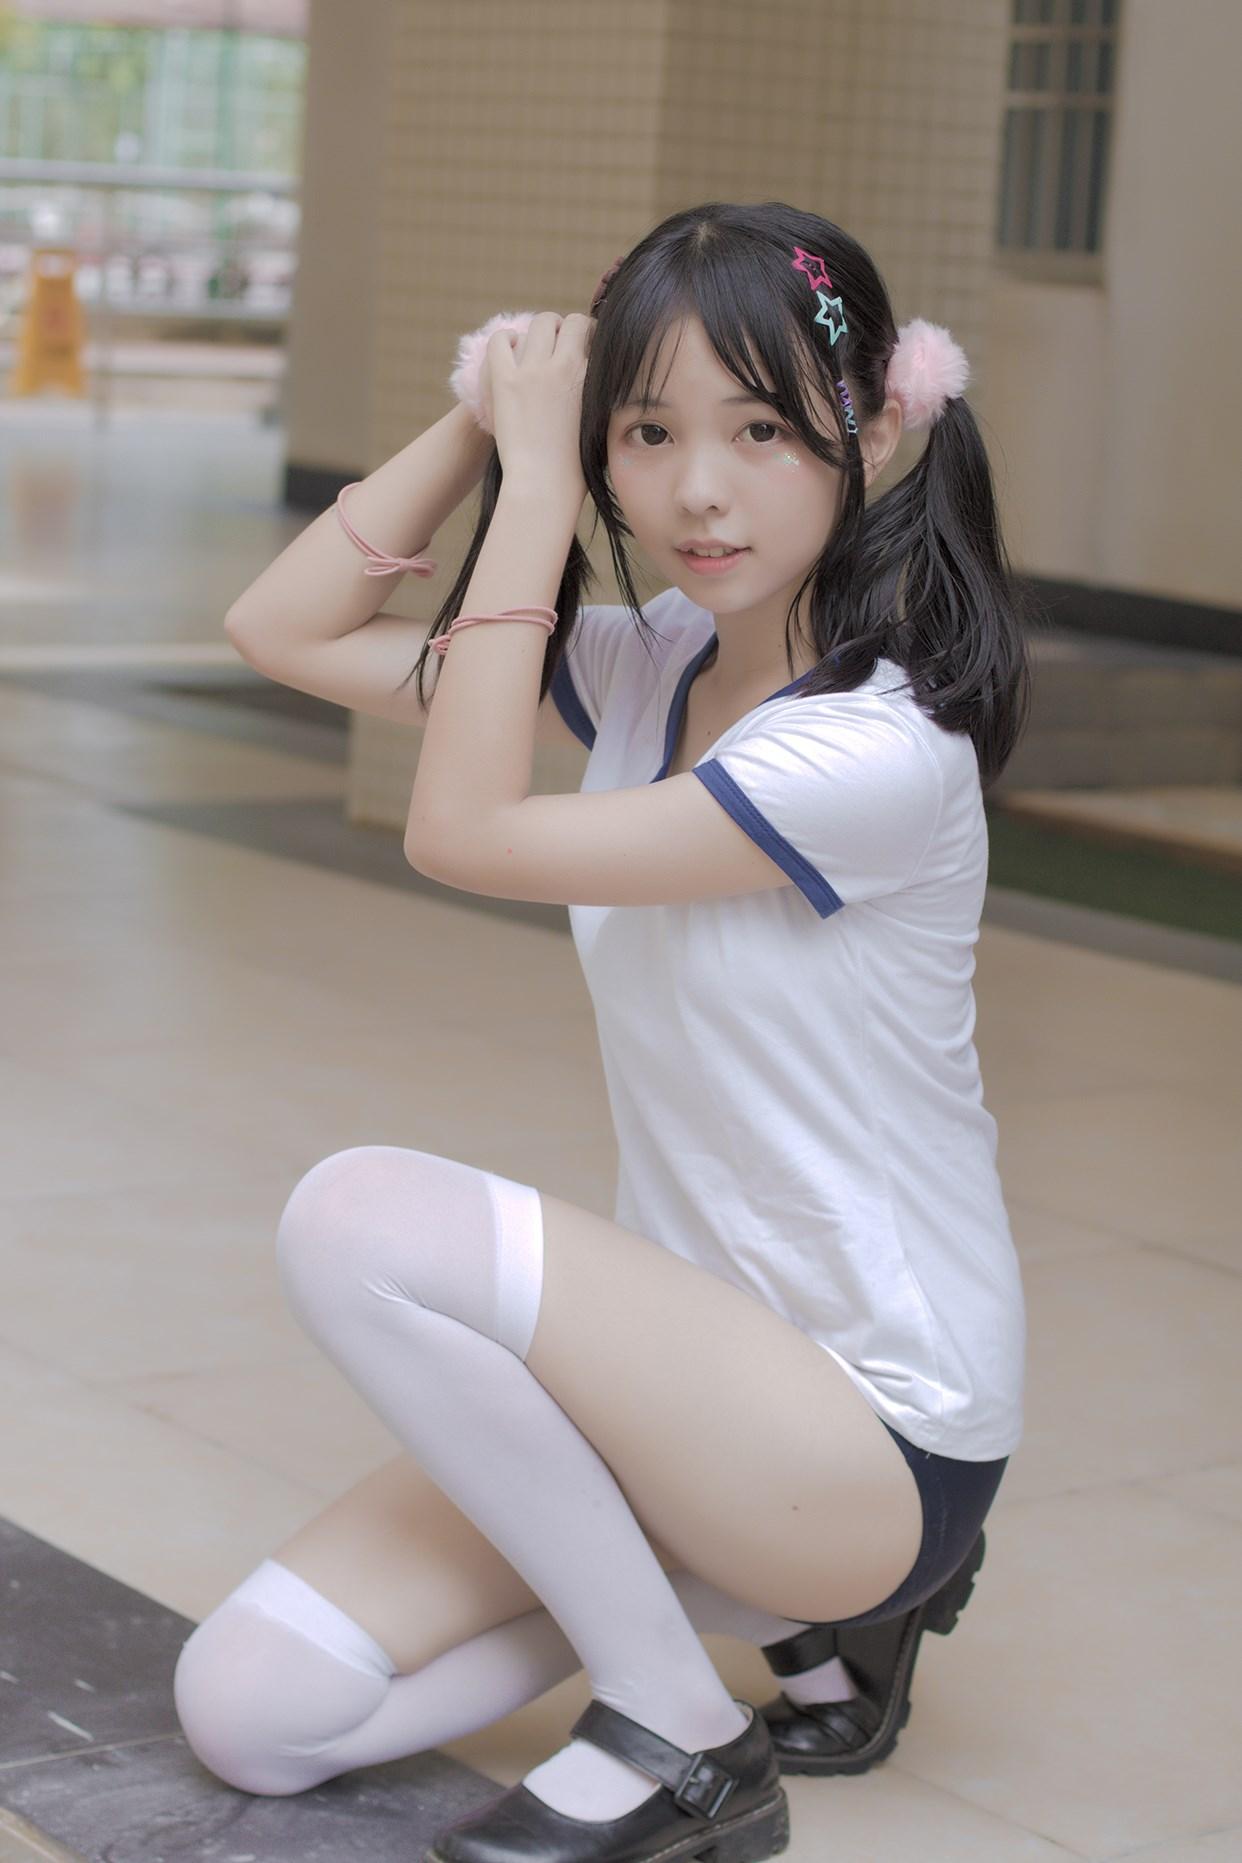 【兔玩映画】萝莉的体操服 兔玩映画 第13张